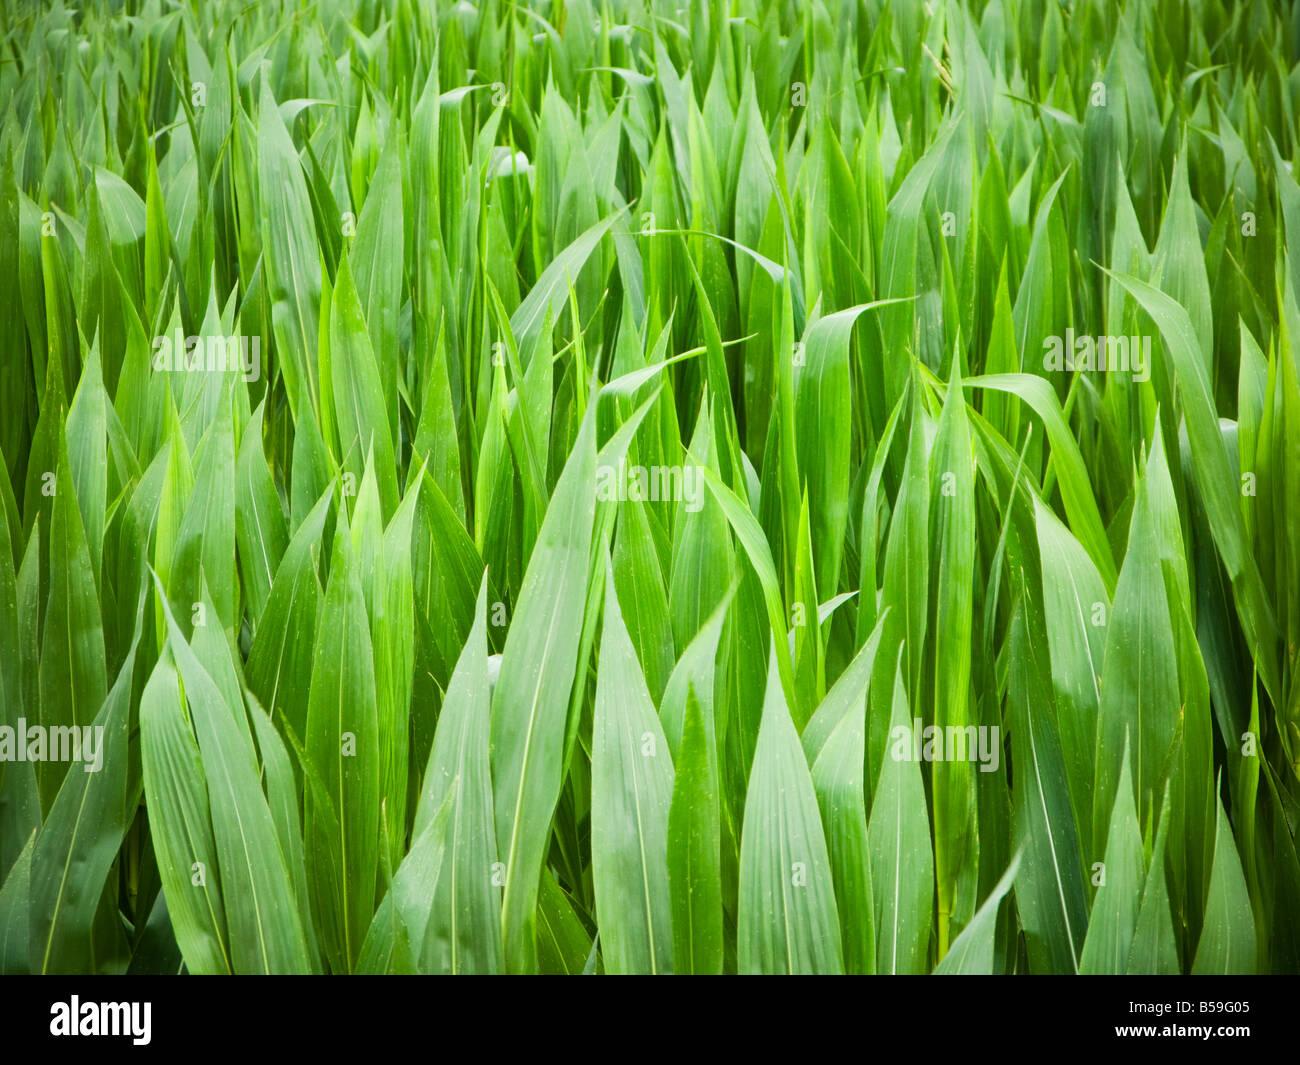 Les cultures de maïs maïs close up Photo Stock